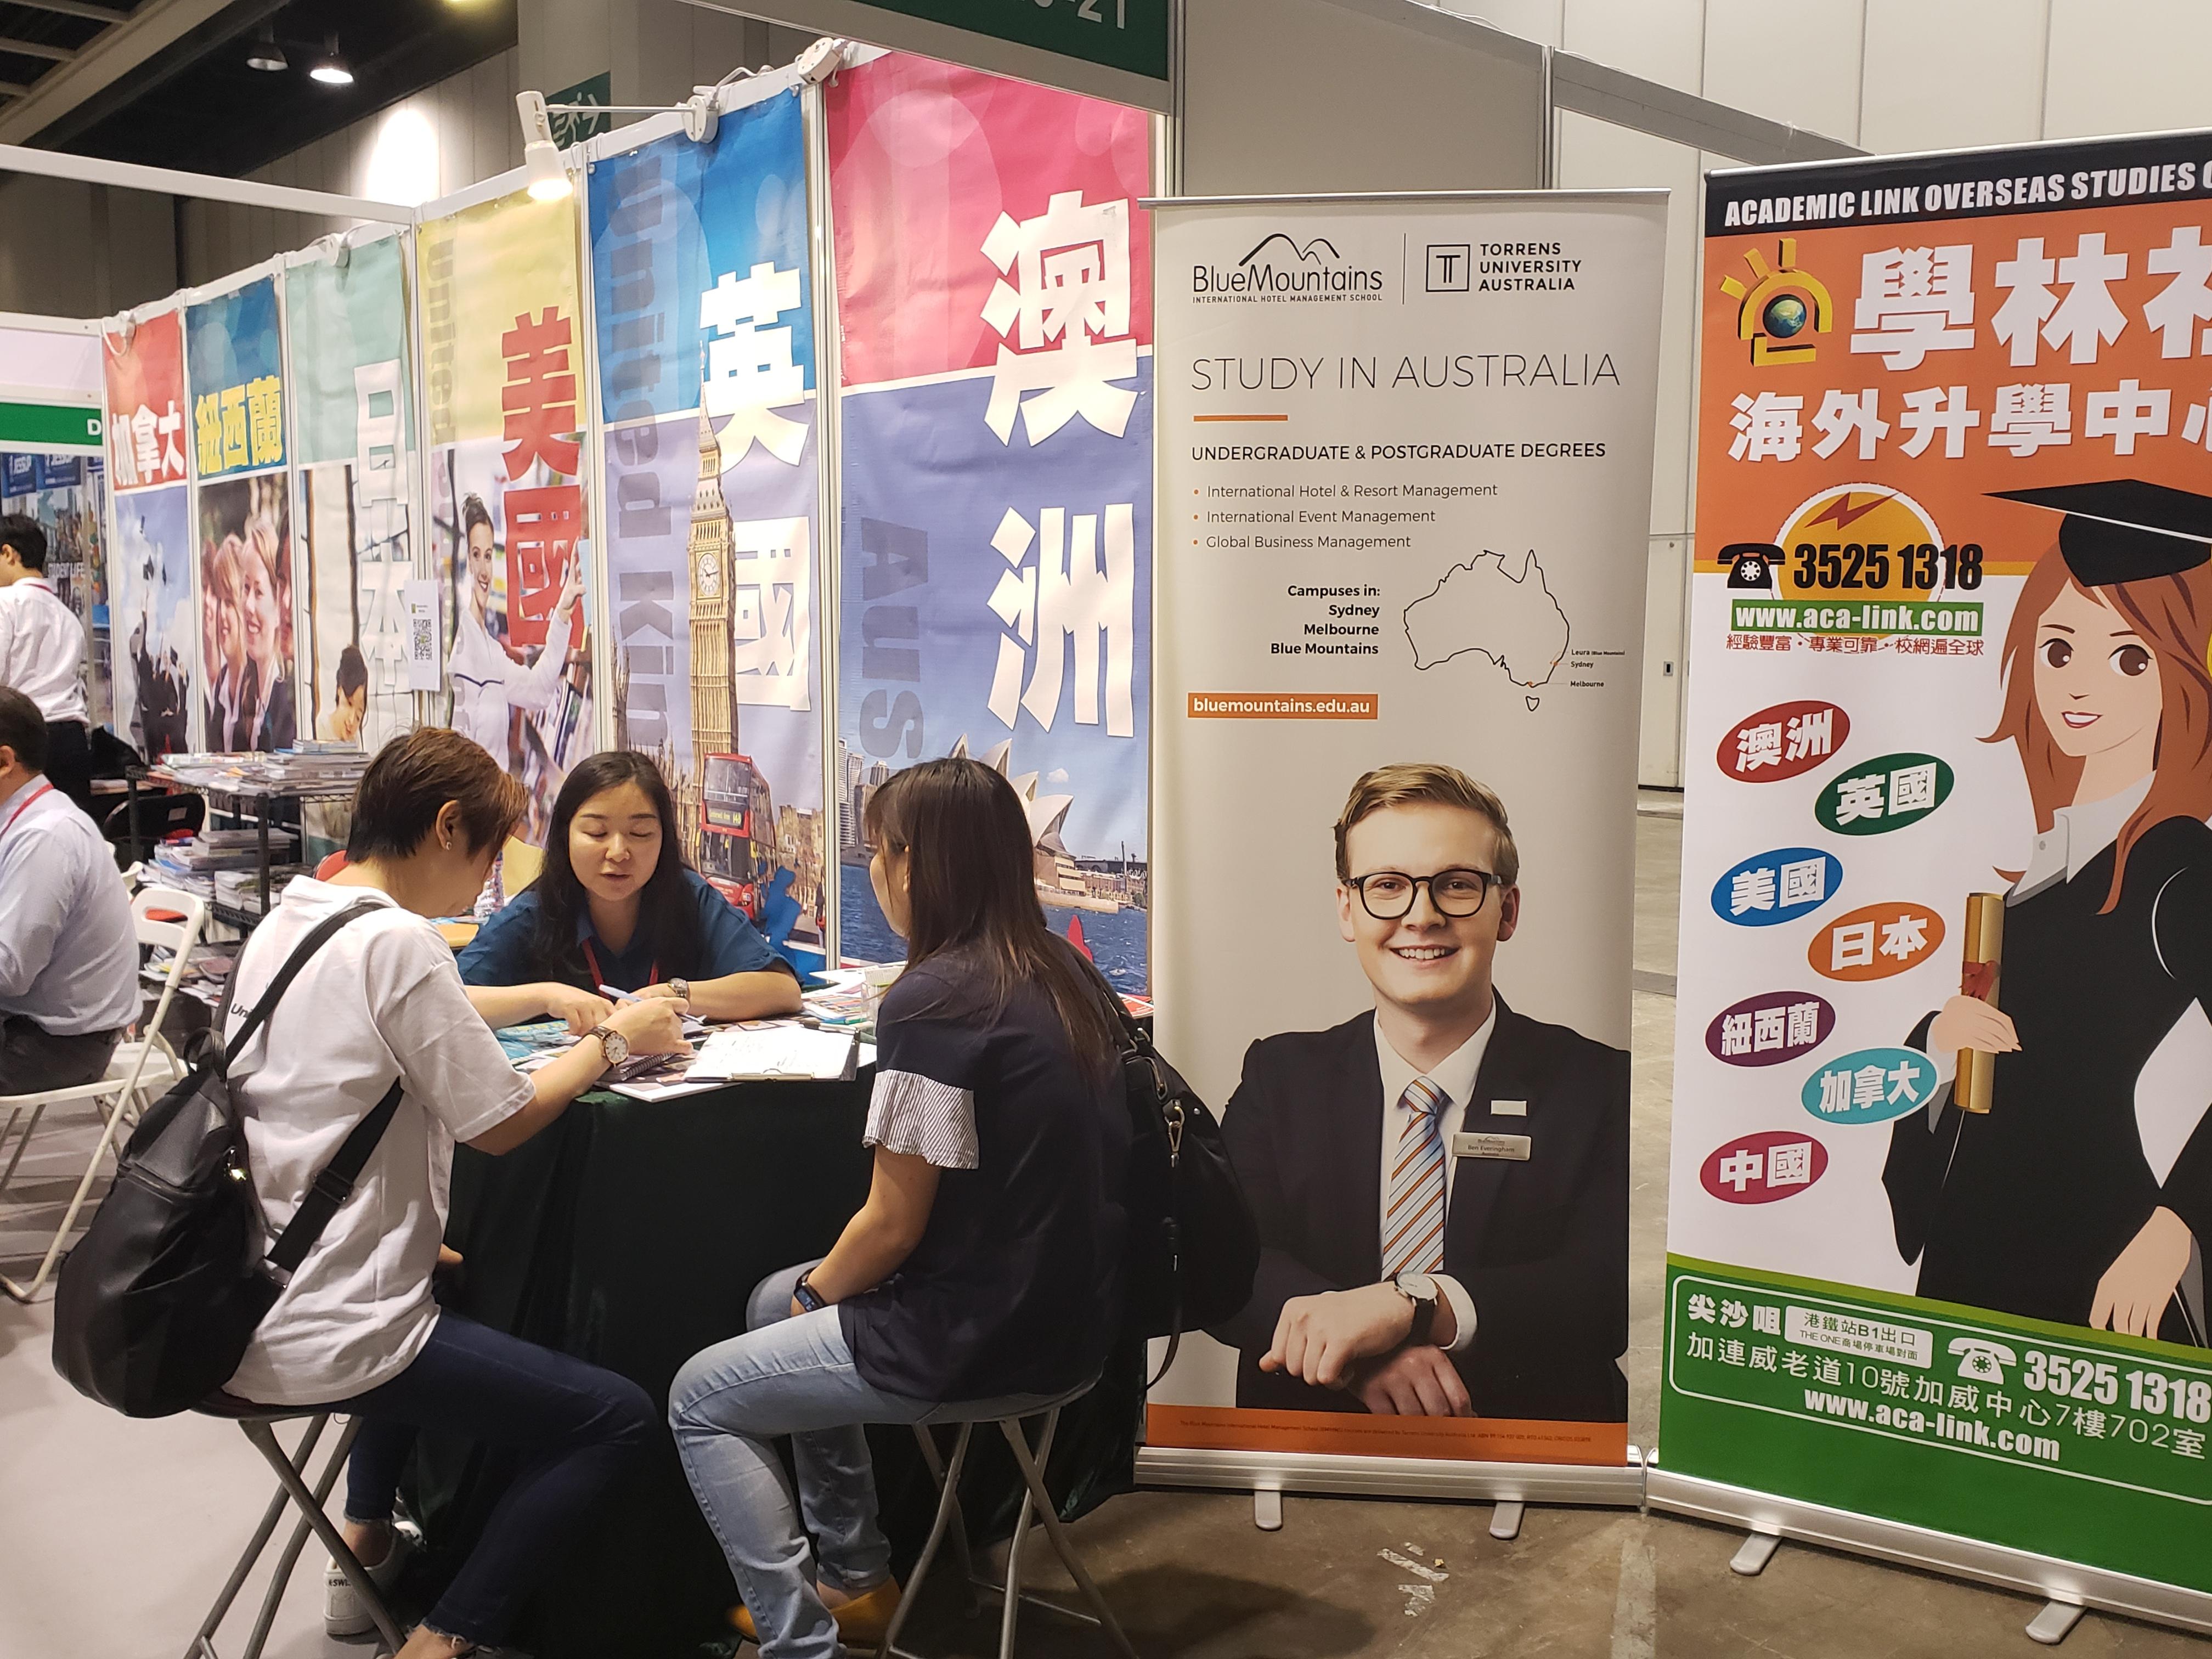 نمایشگاه بین المللی تخصصی آموزش و تحصیلات چین هنگ کنگ